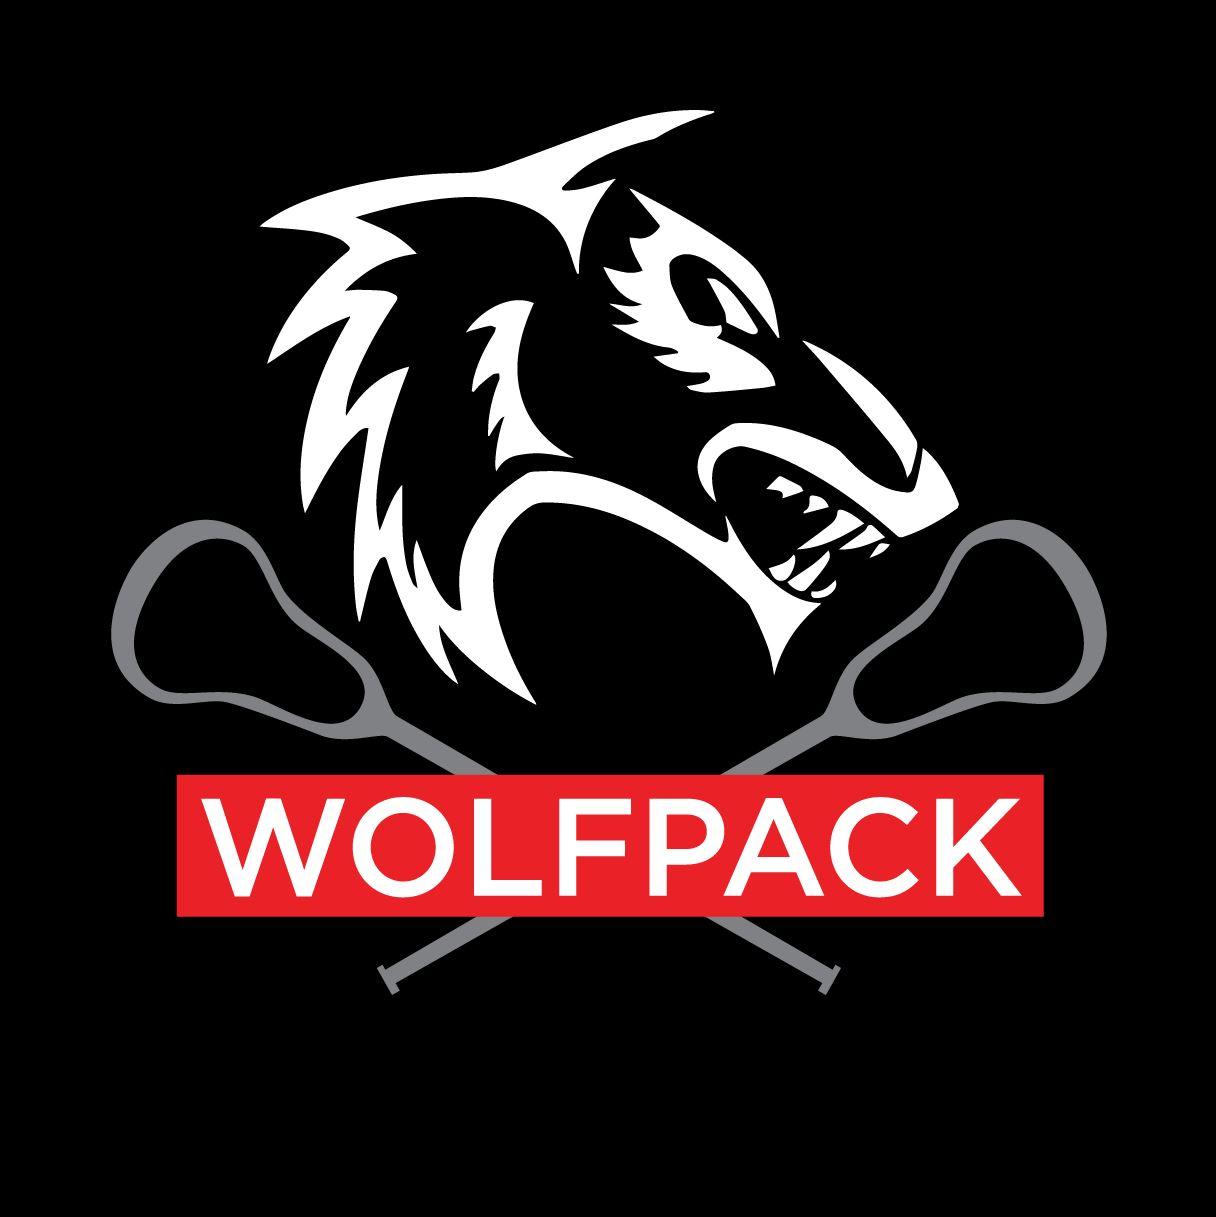 Wausau West High School - Wausau Wolfpack Varsity Lacrosse